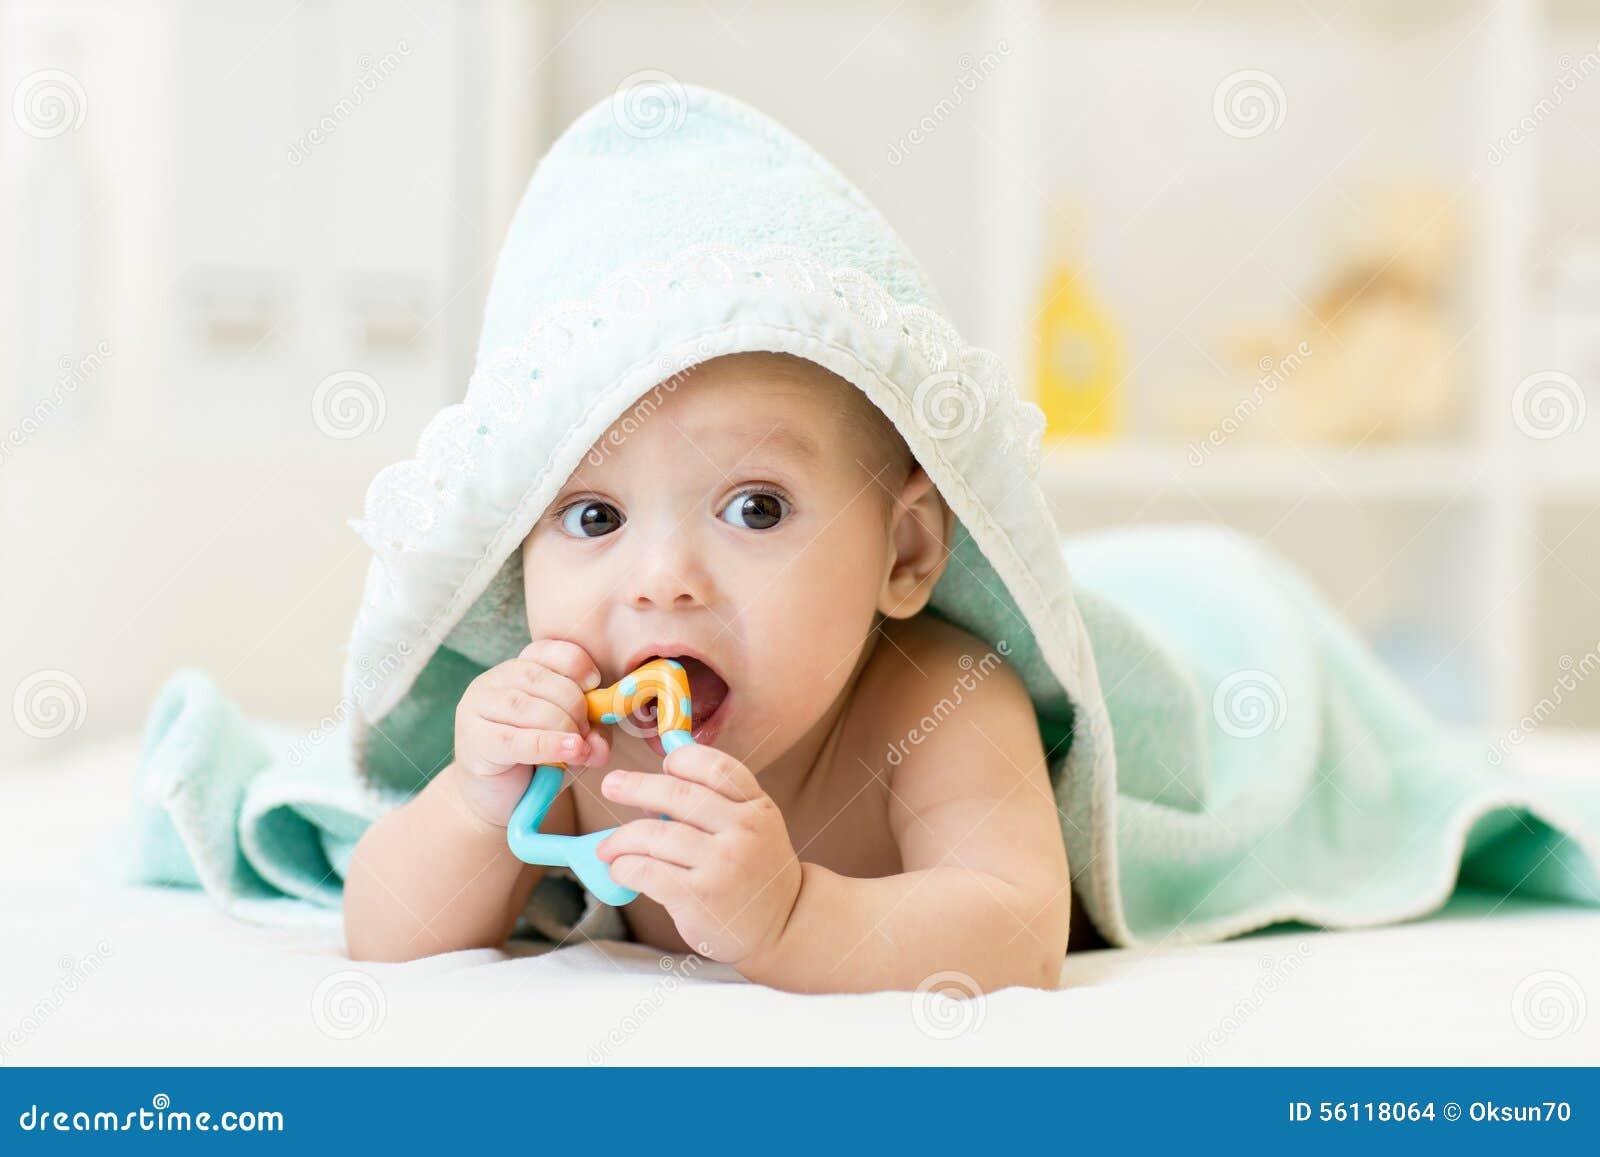 Μωρό με το teether στο στόμα κάτω από την πετσέτα λουσίματος στο βρεφικό σταθμό